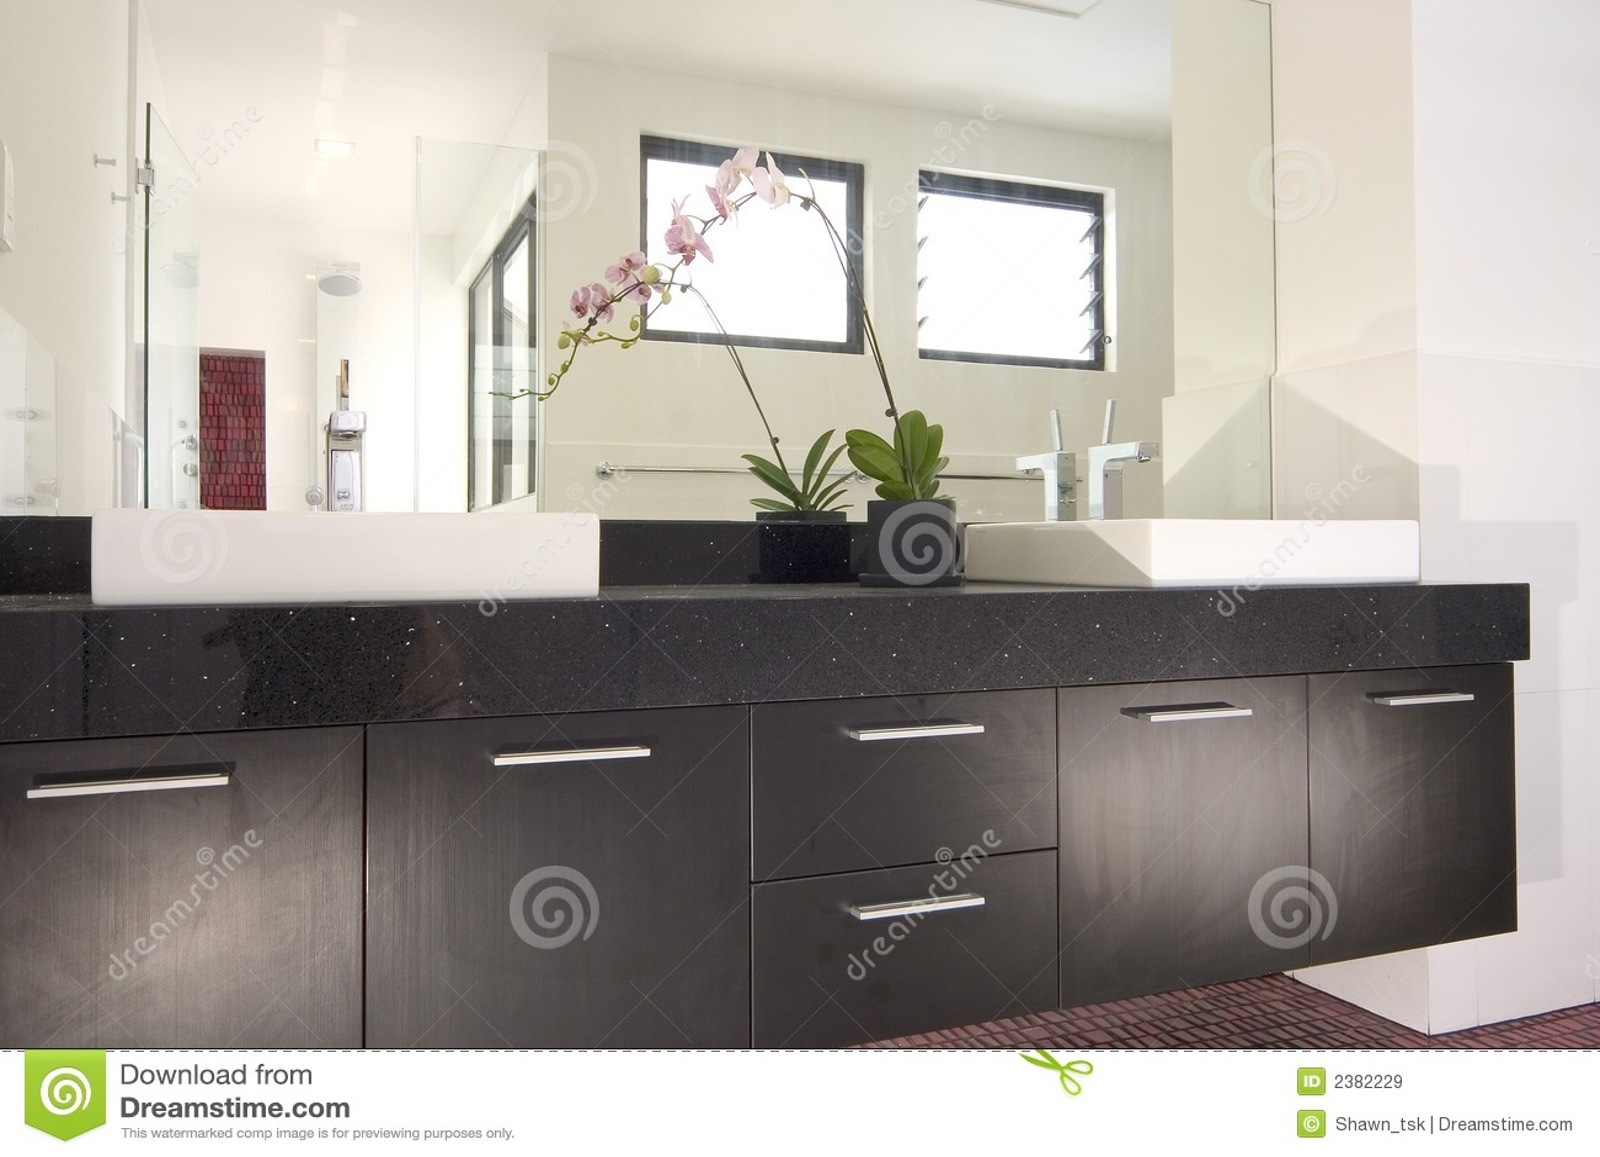 innenarchitektur badezimmer lizenzfreie stockbilder. Black Bedroom Furniture Sets. Home Design Ideas